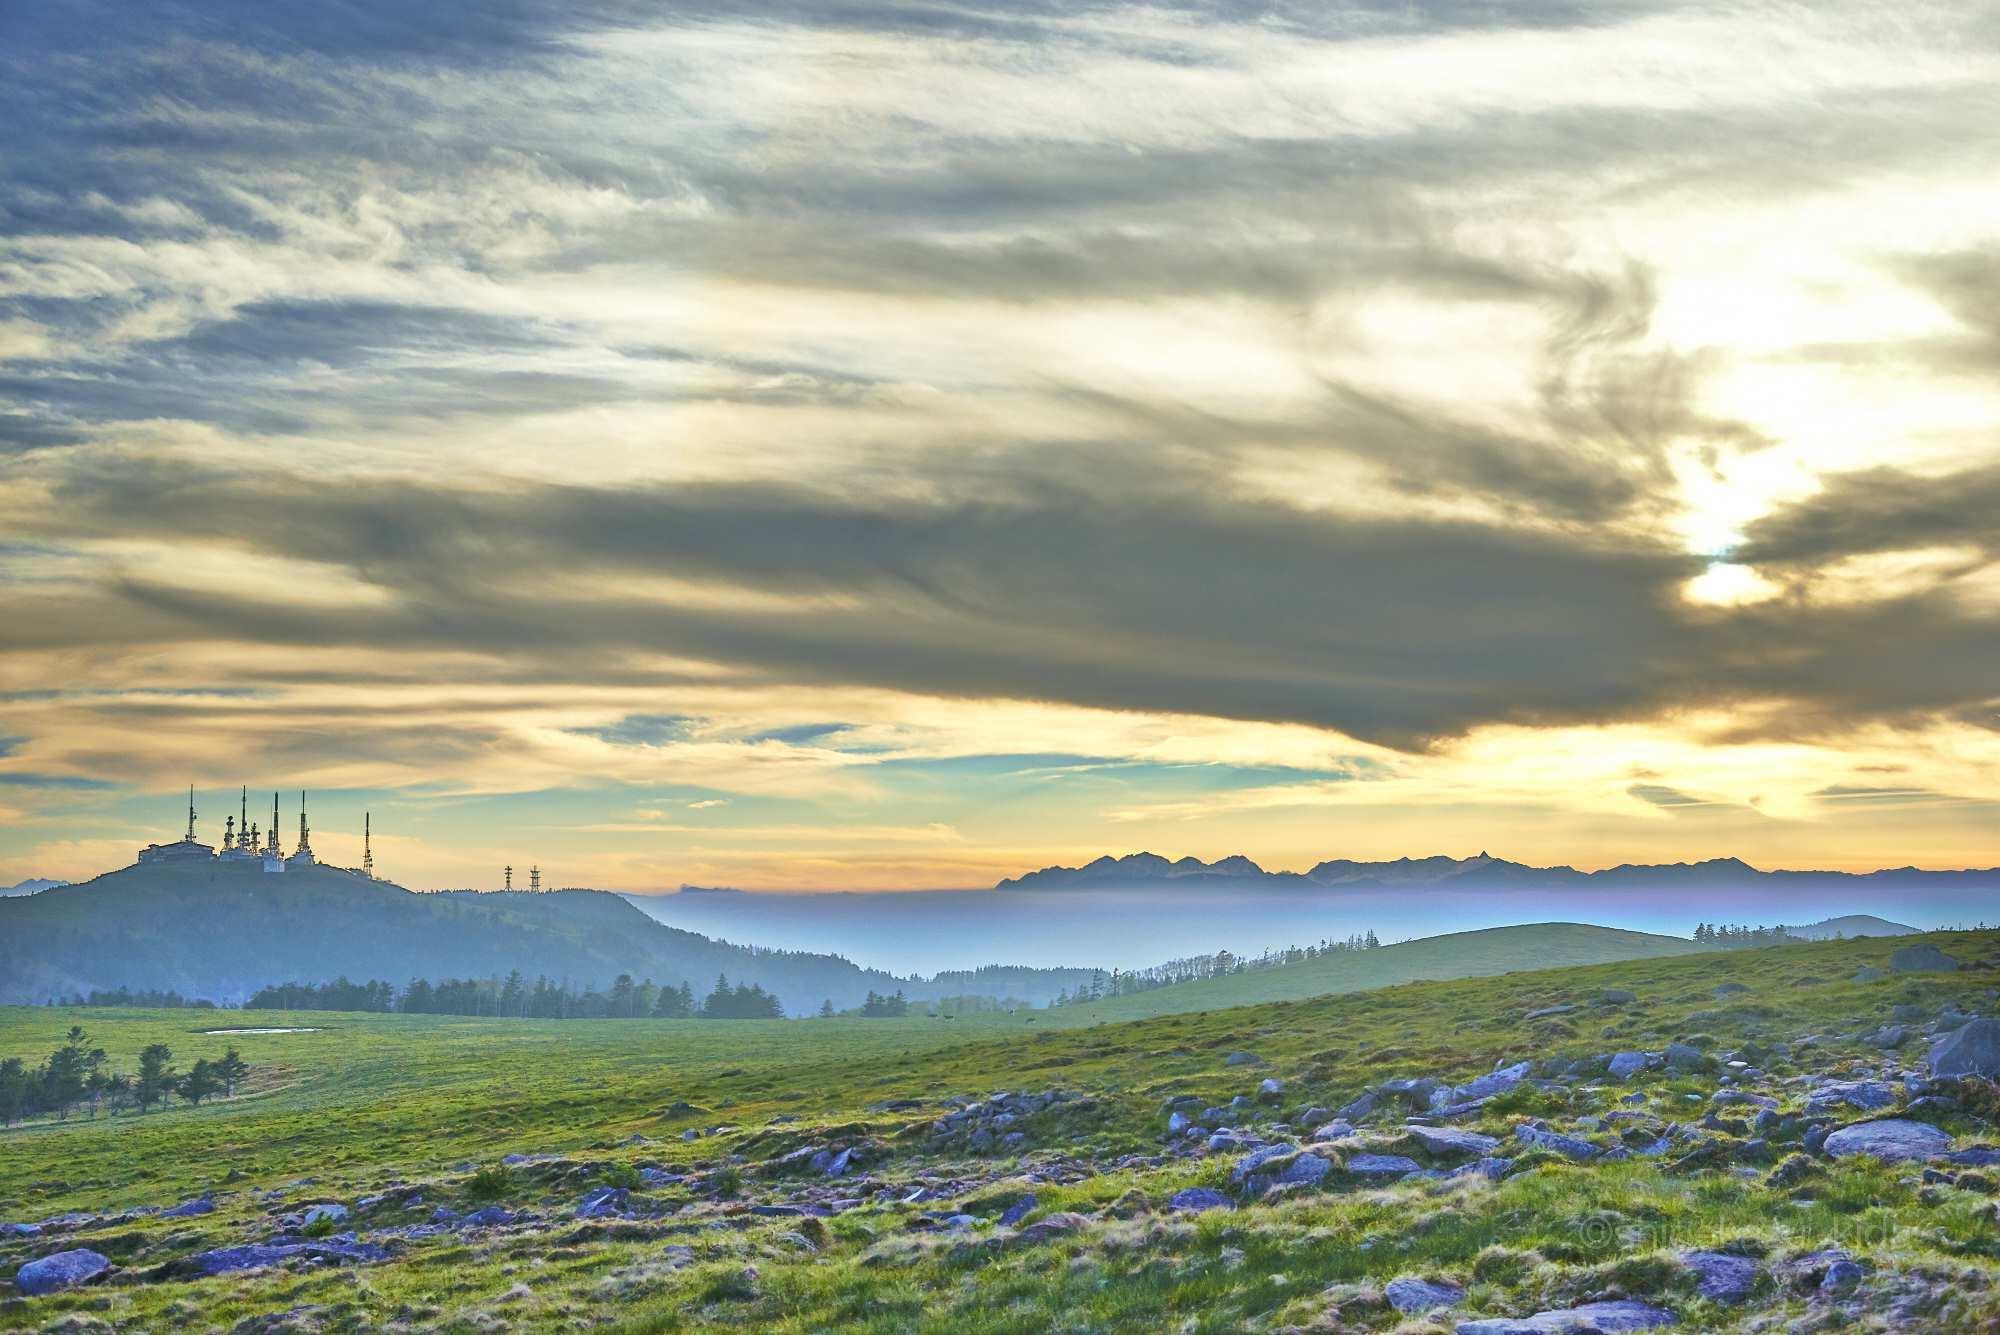 美ヶ原と北アルプスの夕暮れ